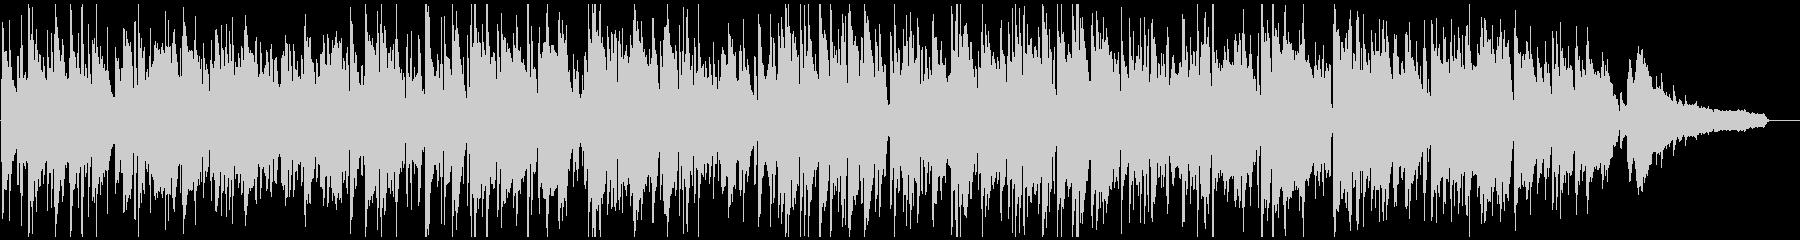 柔らかサックスのリラックス・ボサノバの未再生の波形